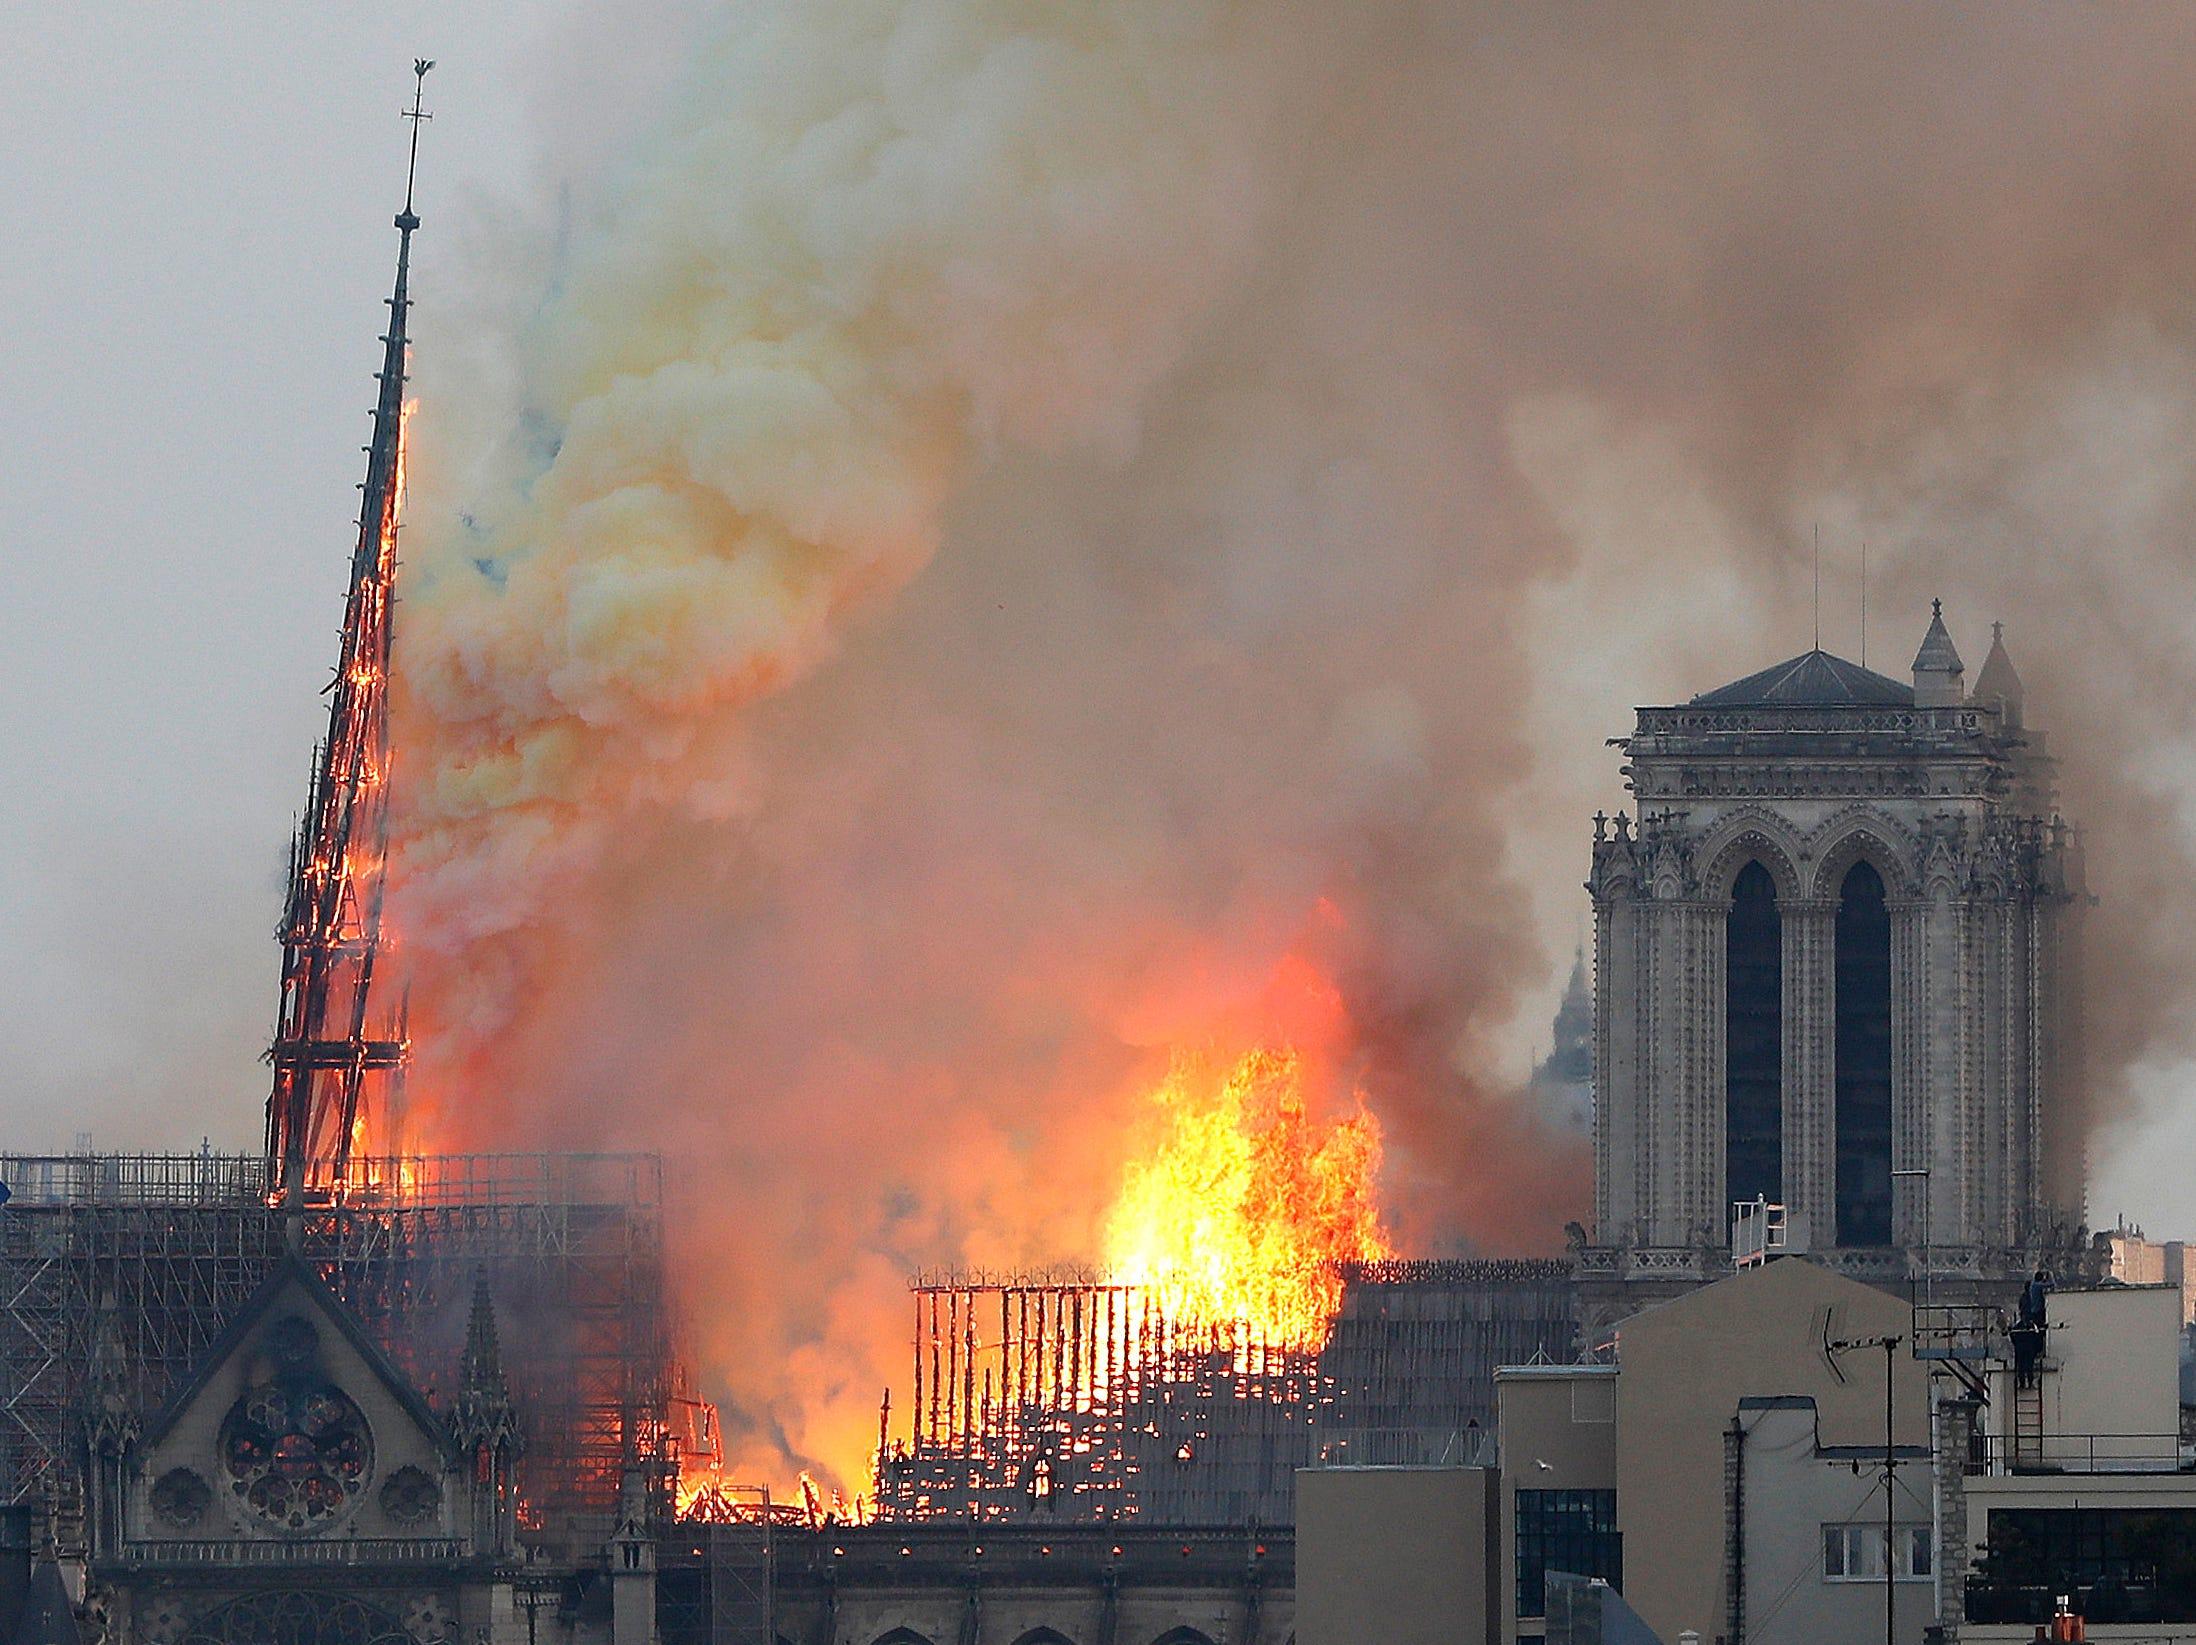 La alcaldesa informó también que la alcaldía está en contacto con la diócesis de París para actualizarle sobre los acontecimientos.